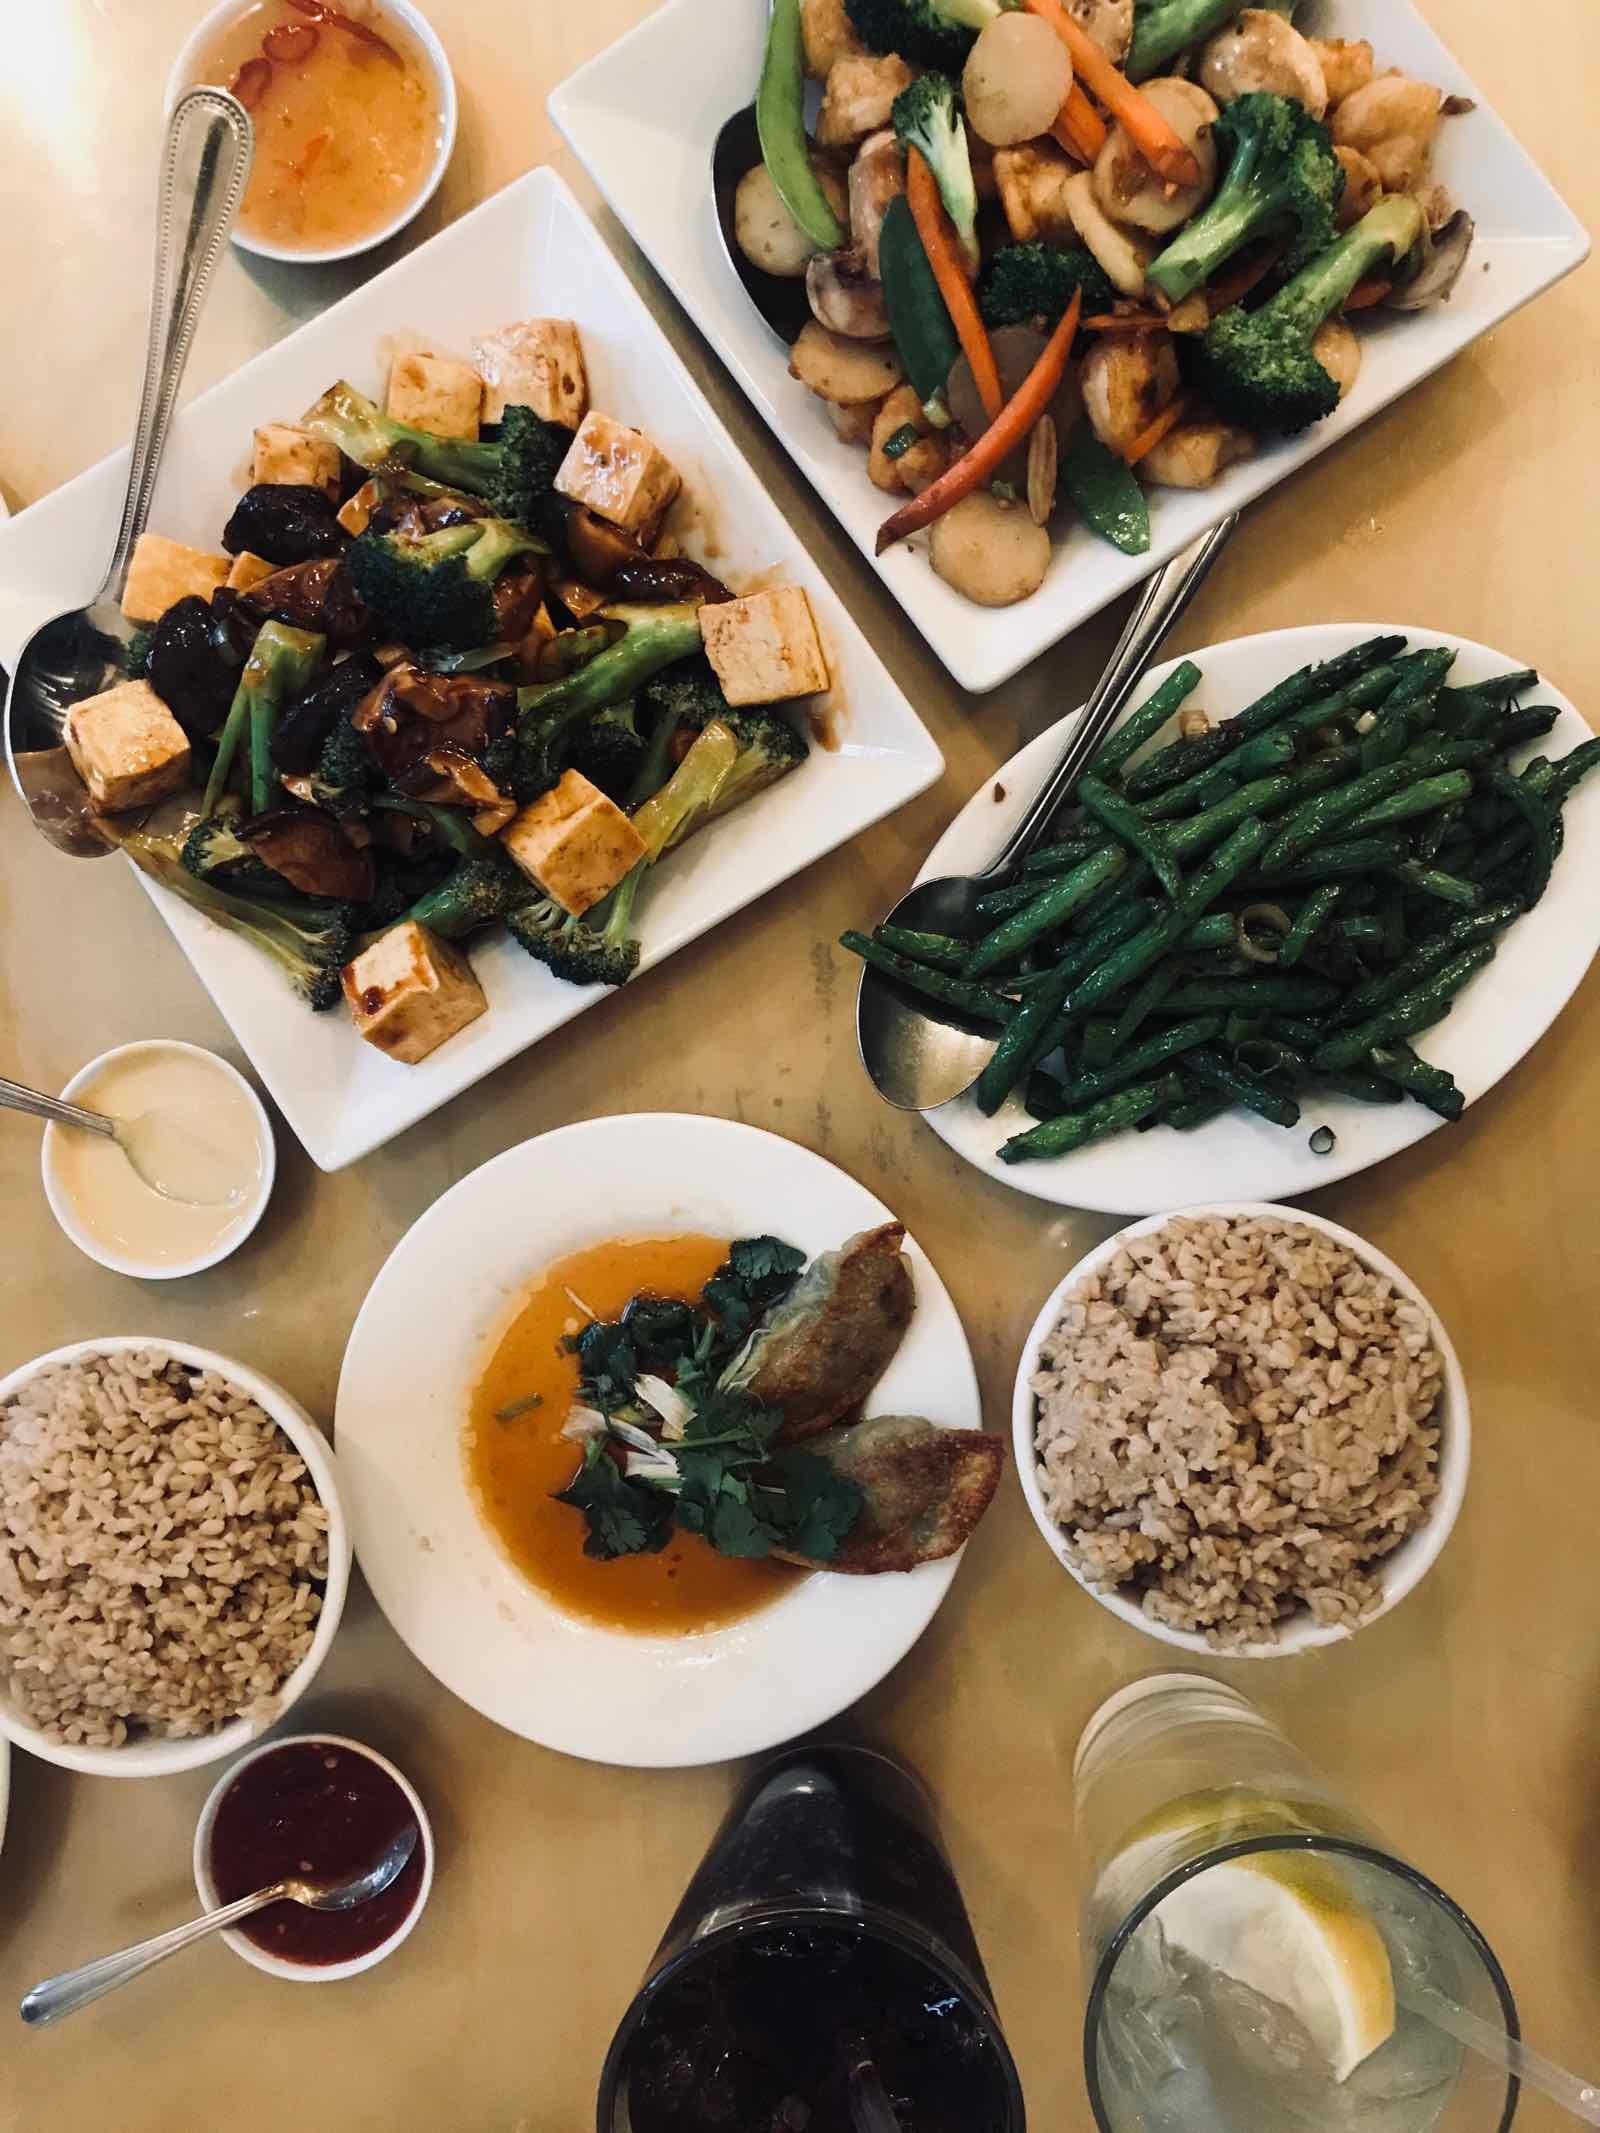 Gluten-Free-Chinese-Food-3.jpg